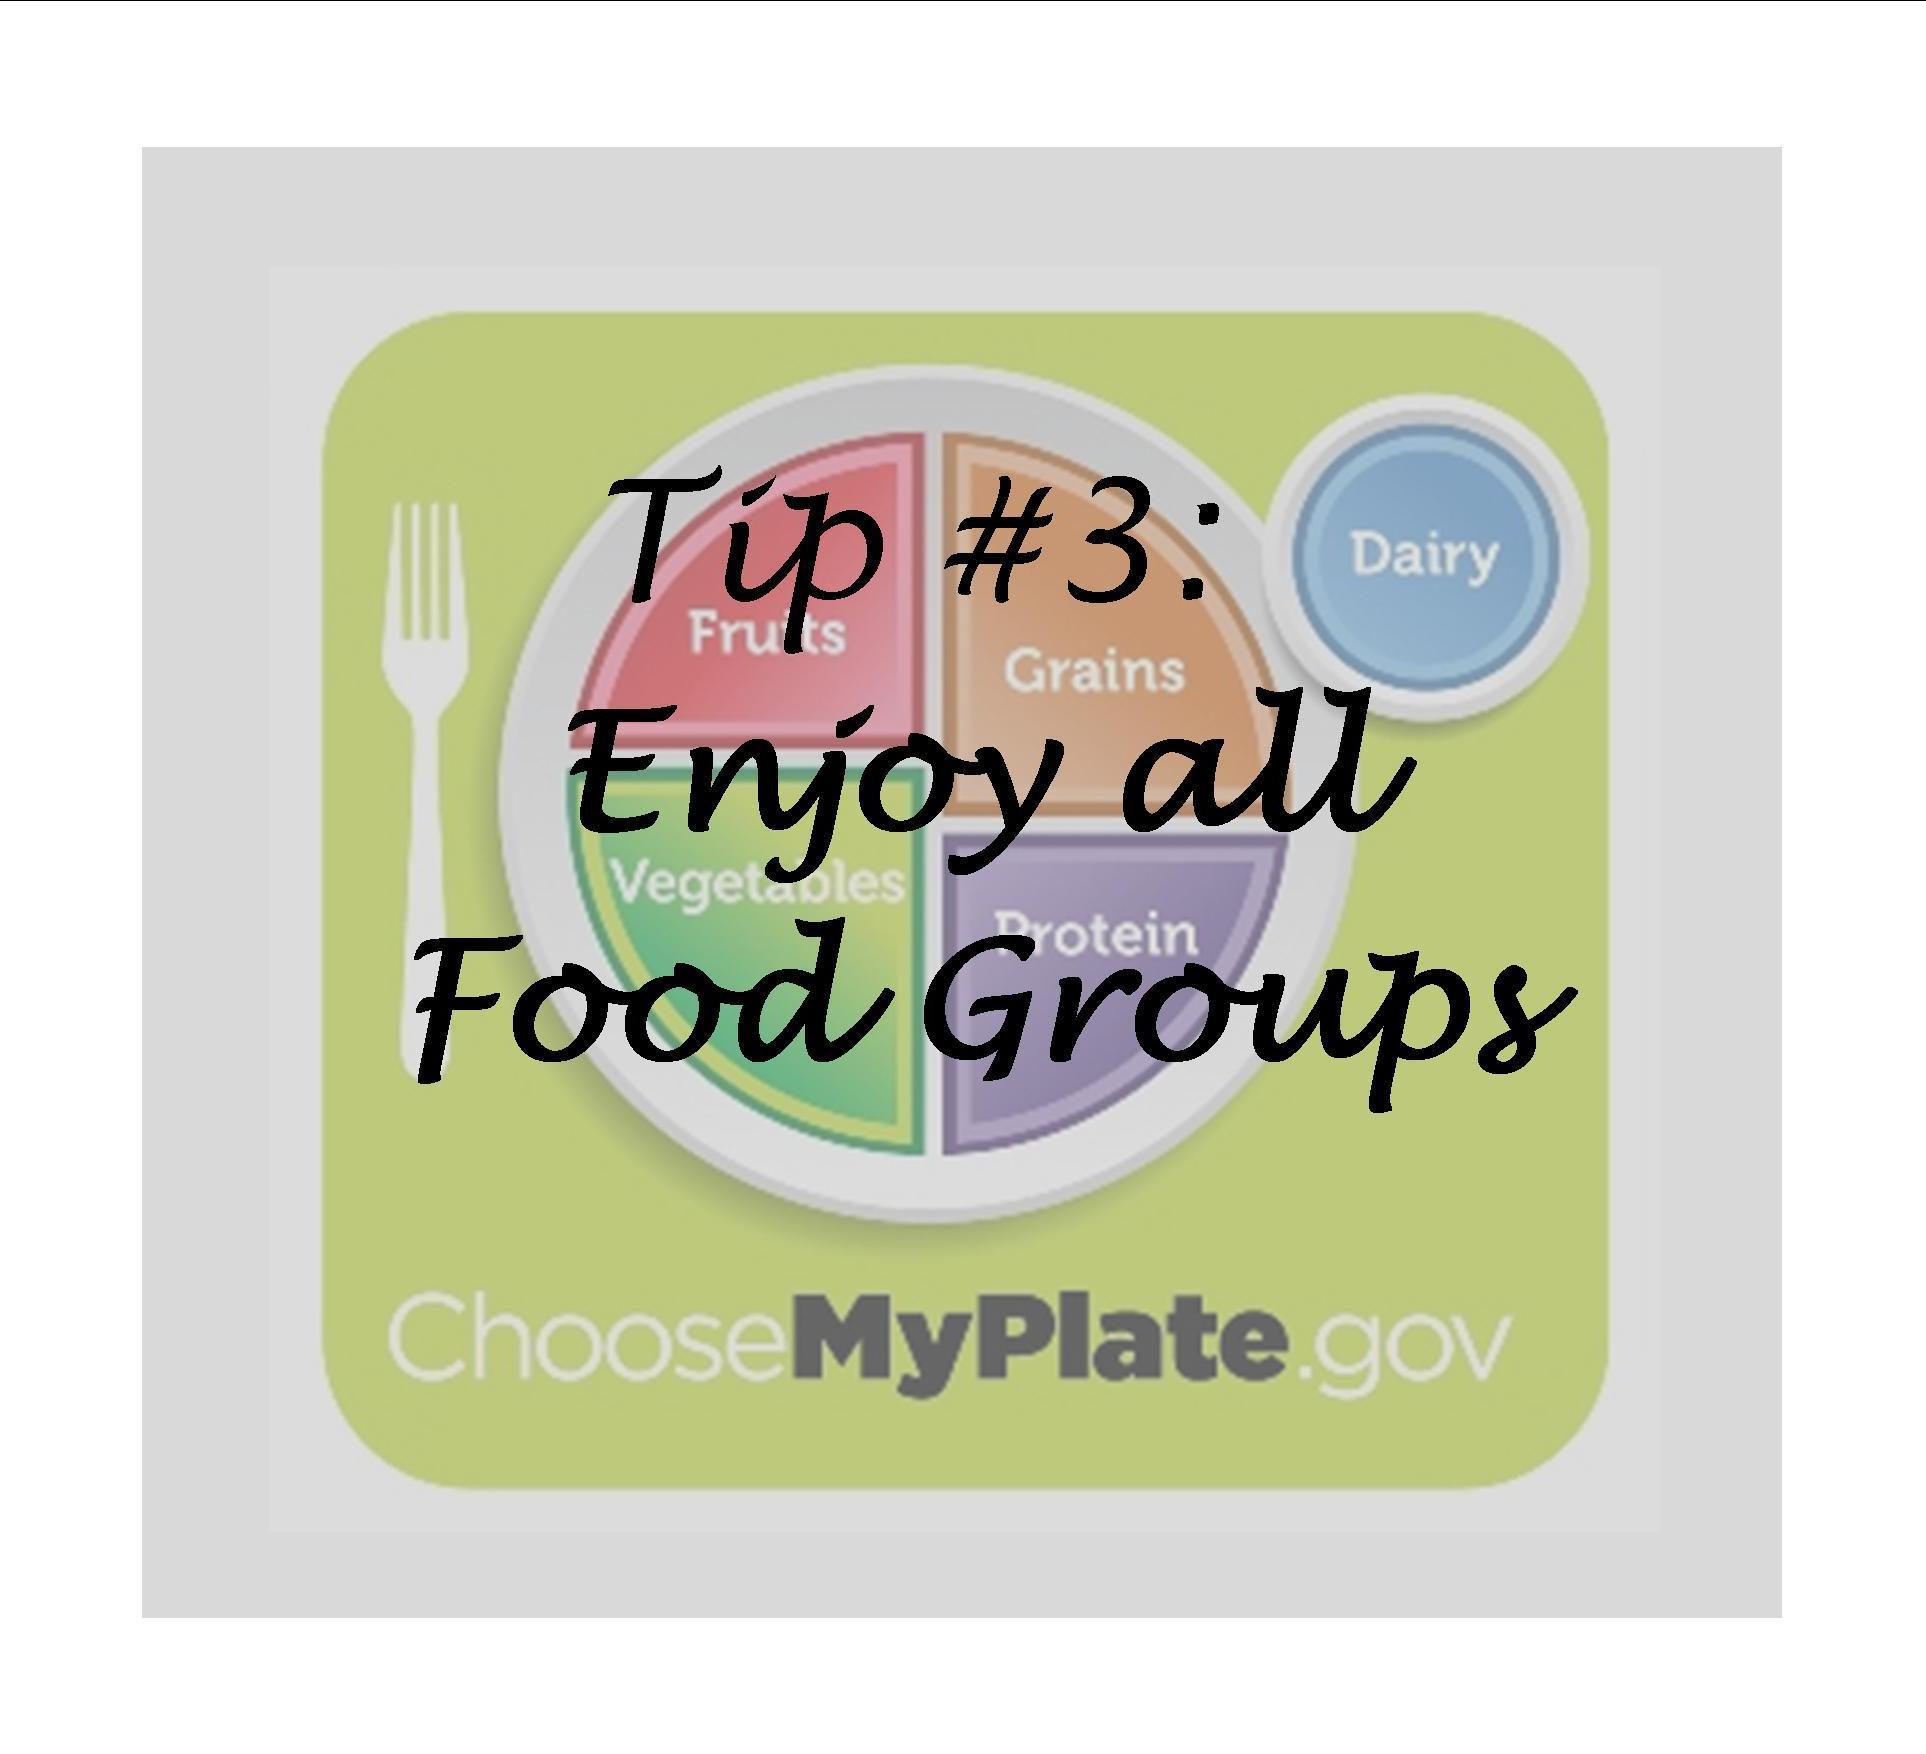 grains group food gallery choose myplate - HD1926×1754